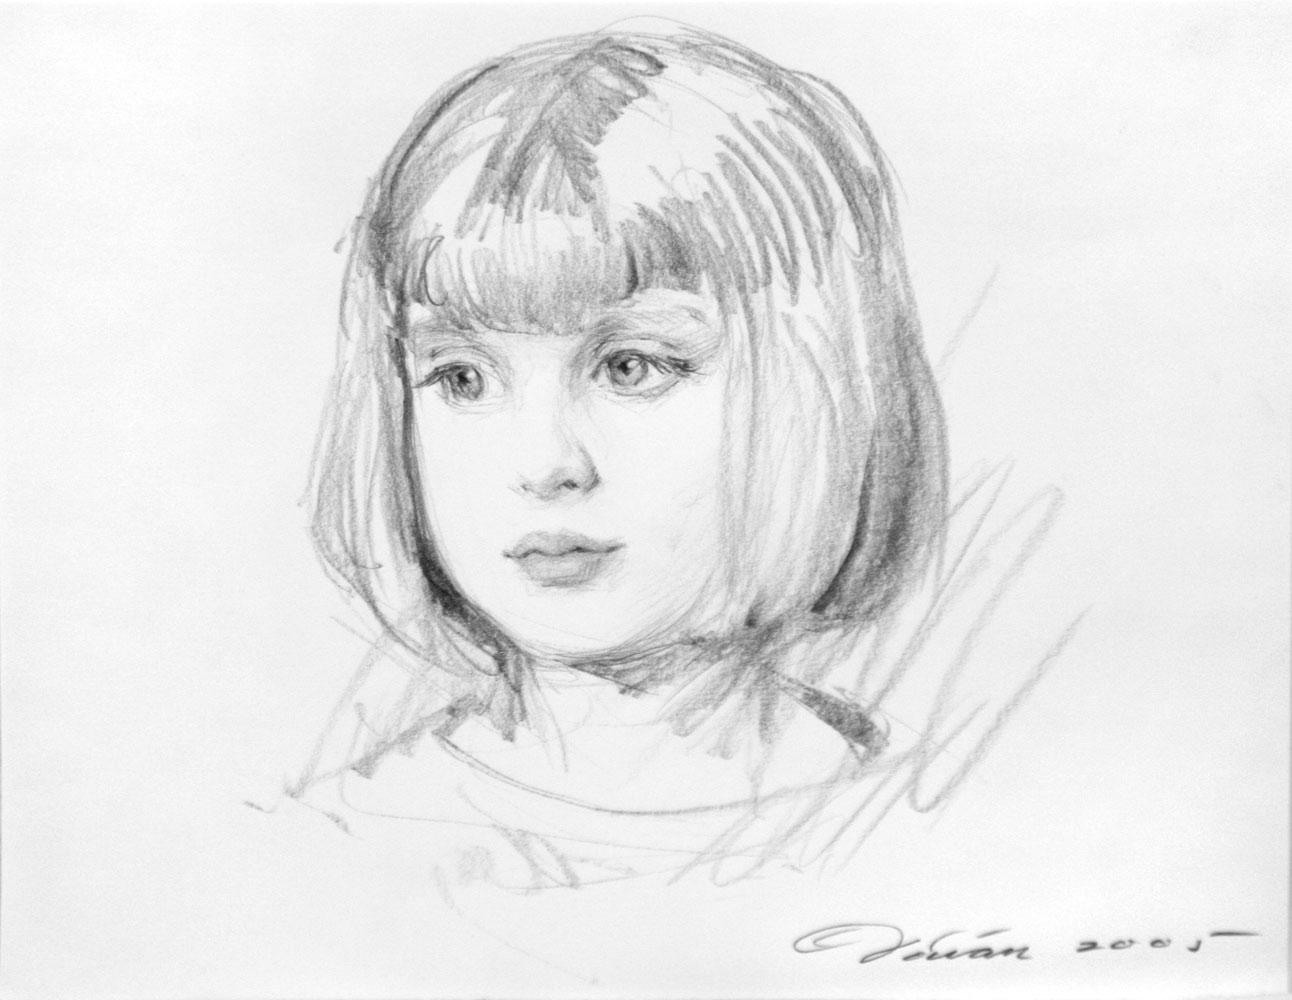 Pencil_Portrait_33.jpg